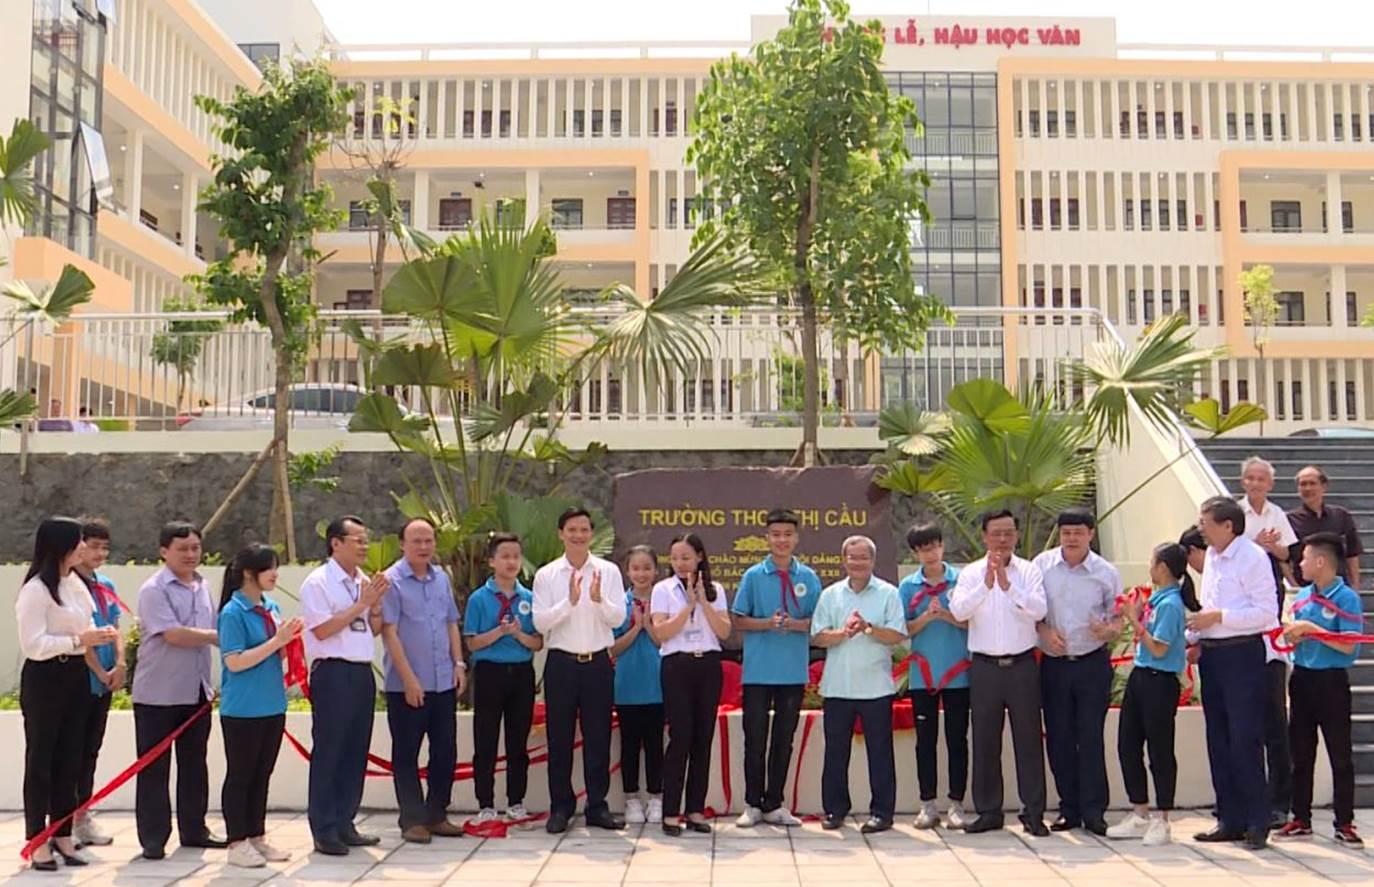 Thành phố Bắc Ninh gắn biển công trình chào mừng Đại hội Đảng bộ